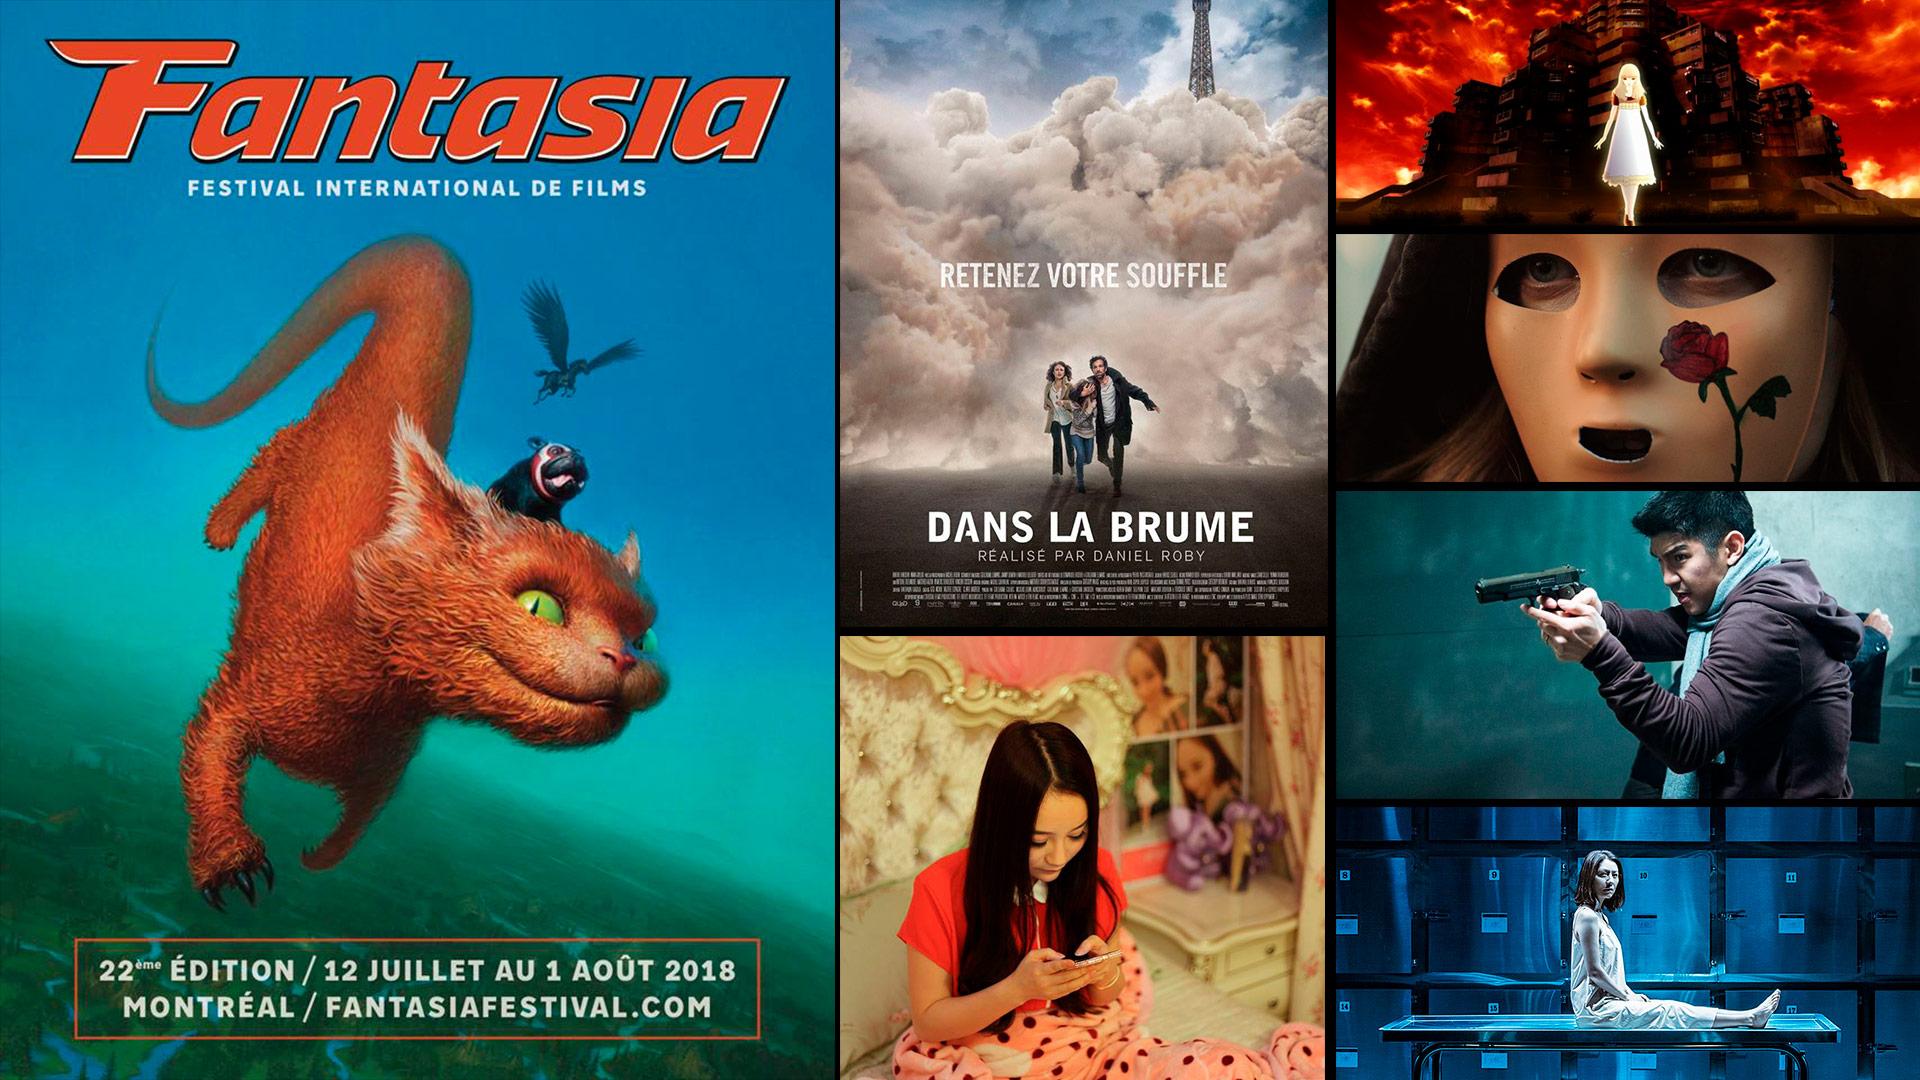 La seconde vague de films annoncée pour le Festival Fantasia